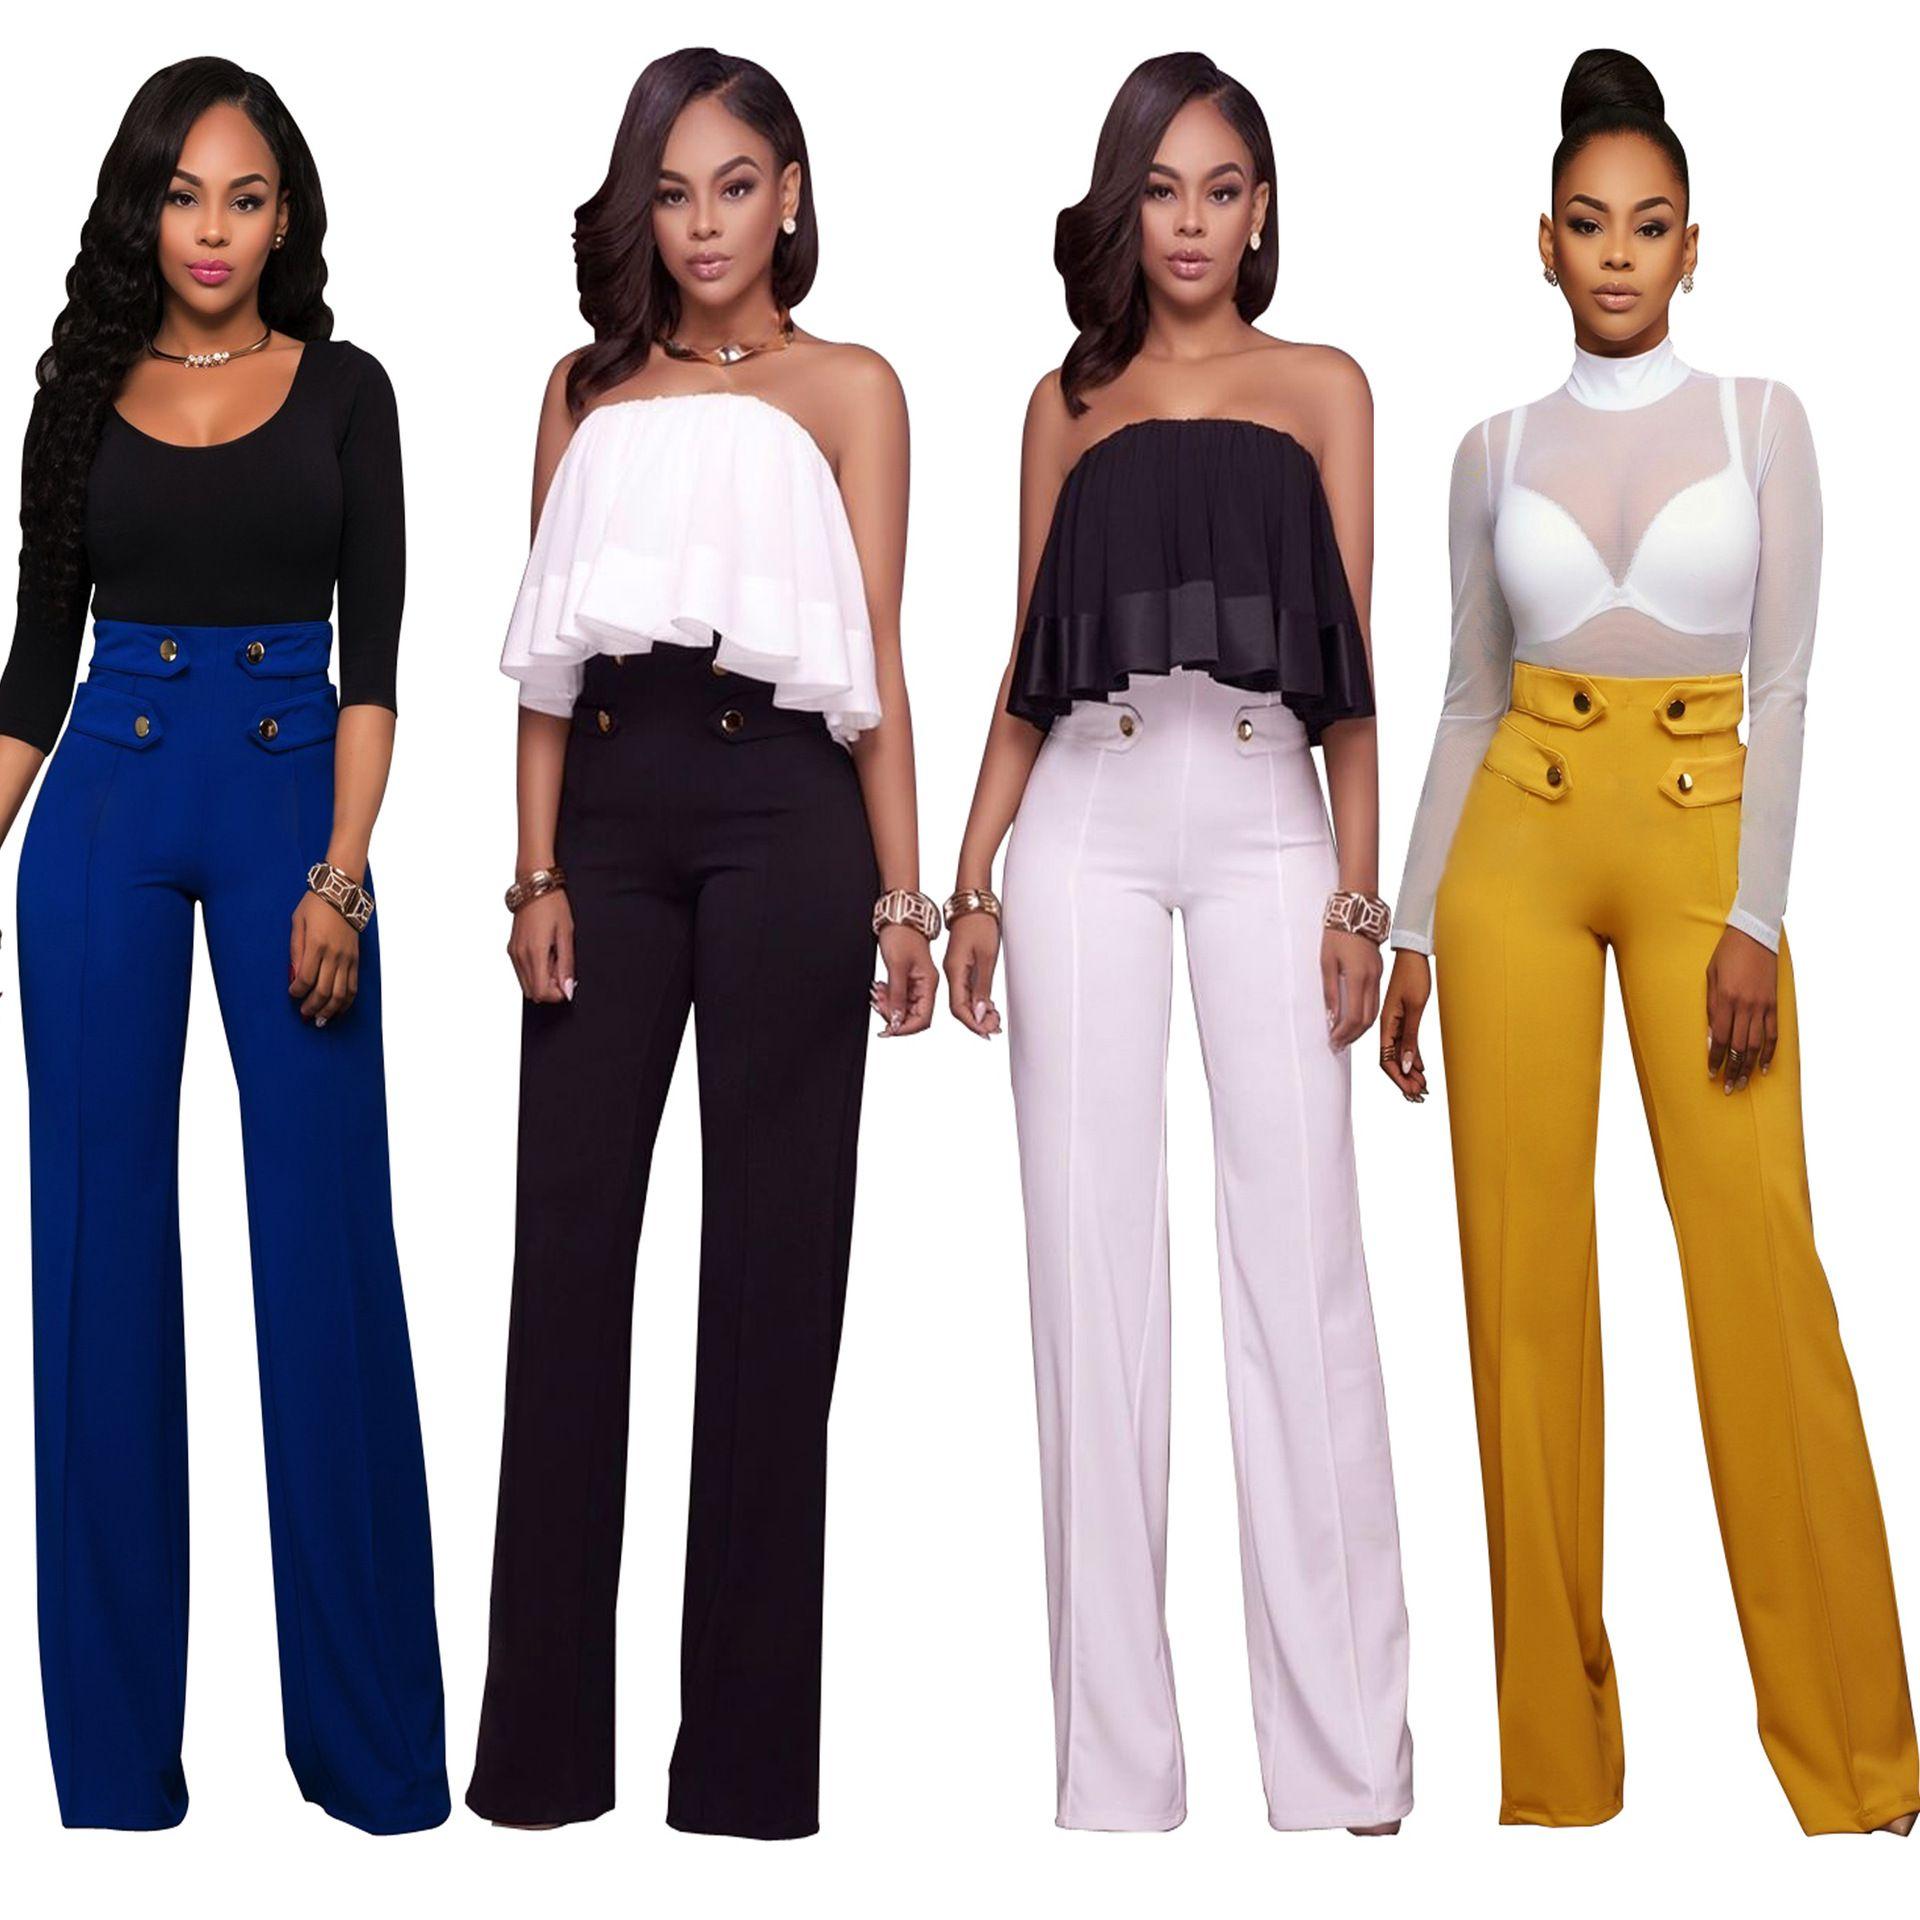 Compre Top 2020 Nuevos Pantalones De Ocio De Moda Para Mujer De Alta Calidad Casual Sexy Leggings De Pierna Ancha Rectos De Cintura Larga Delgados De Talla Grande Pantalones Sueltos A 19 05